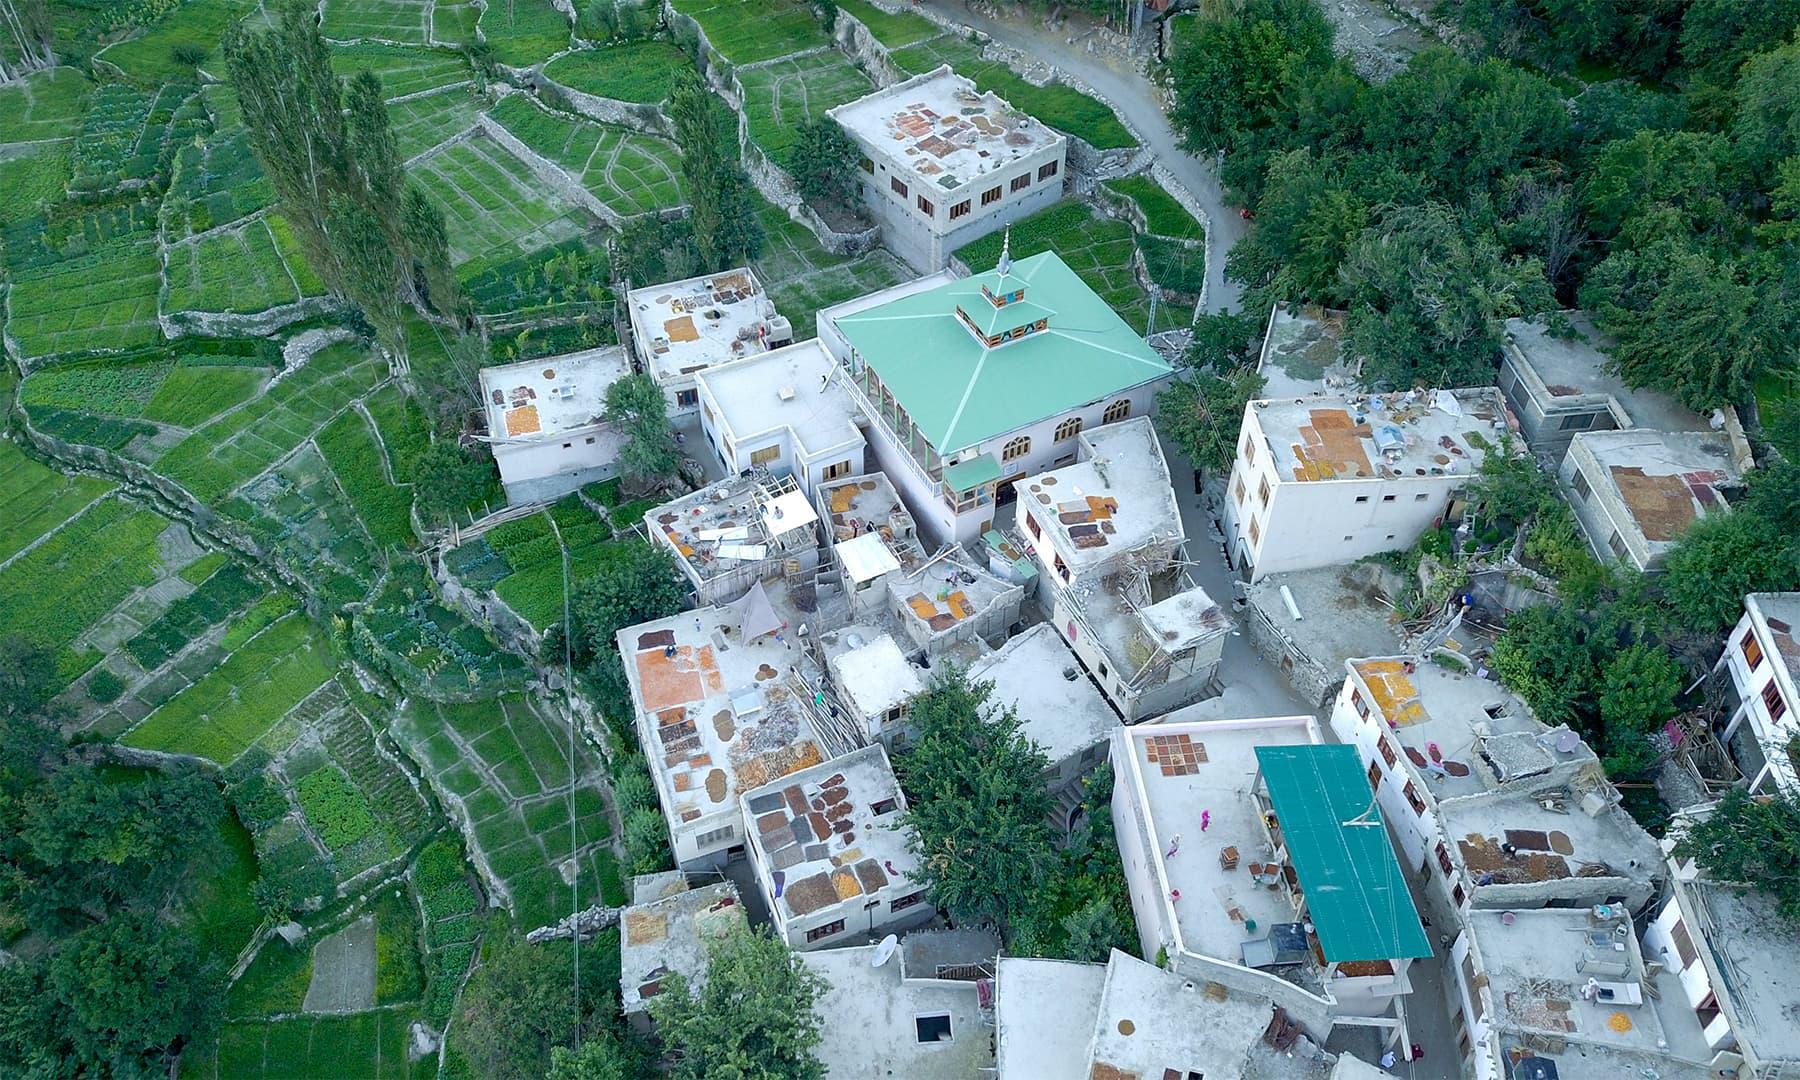 گھروں کی چھتوں پر میٹھی خوبانی کو سکھا کر شدید سردیوں میں استعمال کیا جاتا ہے